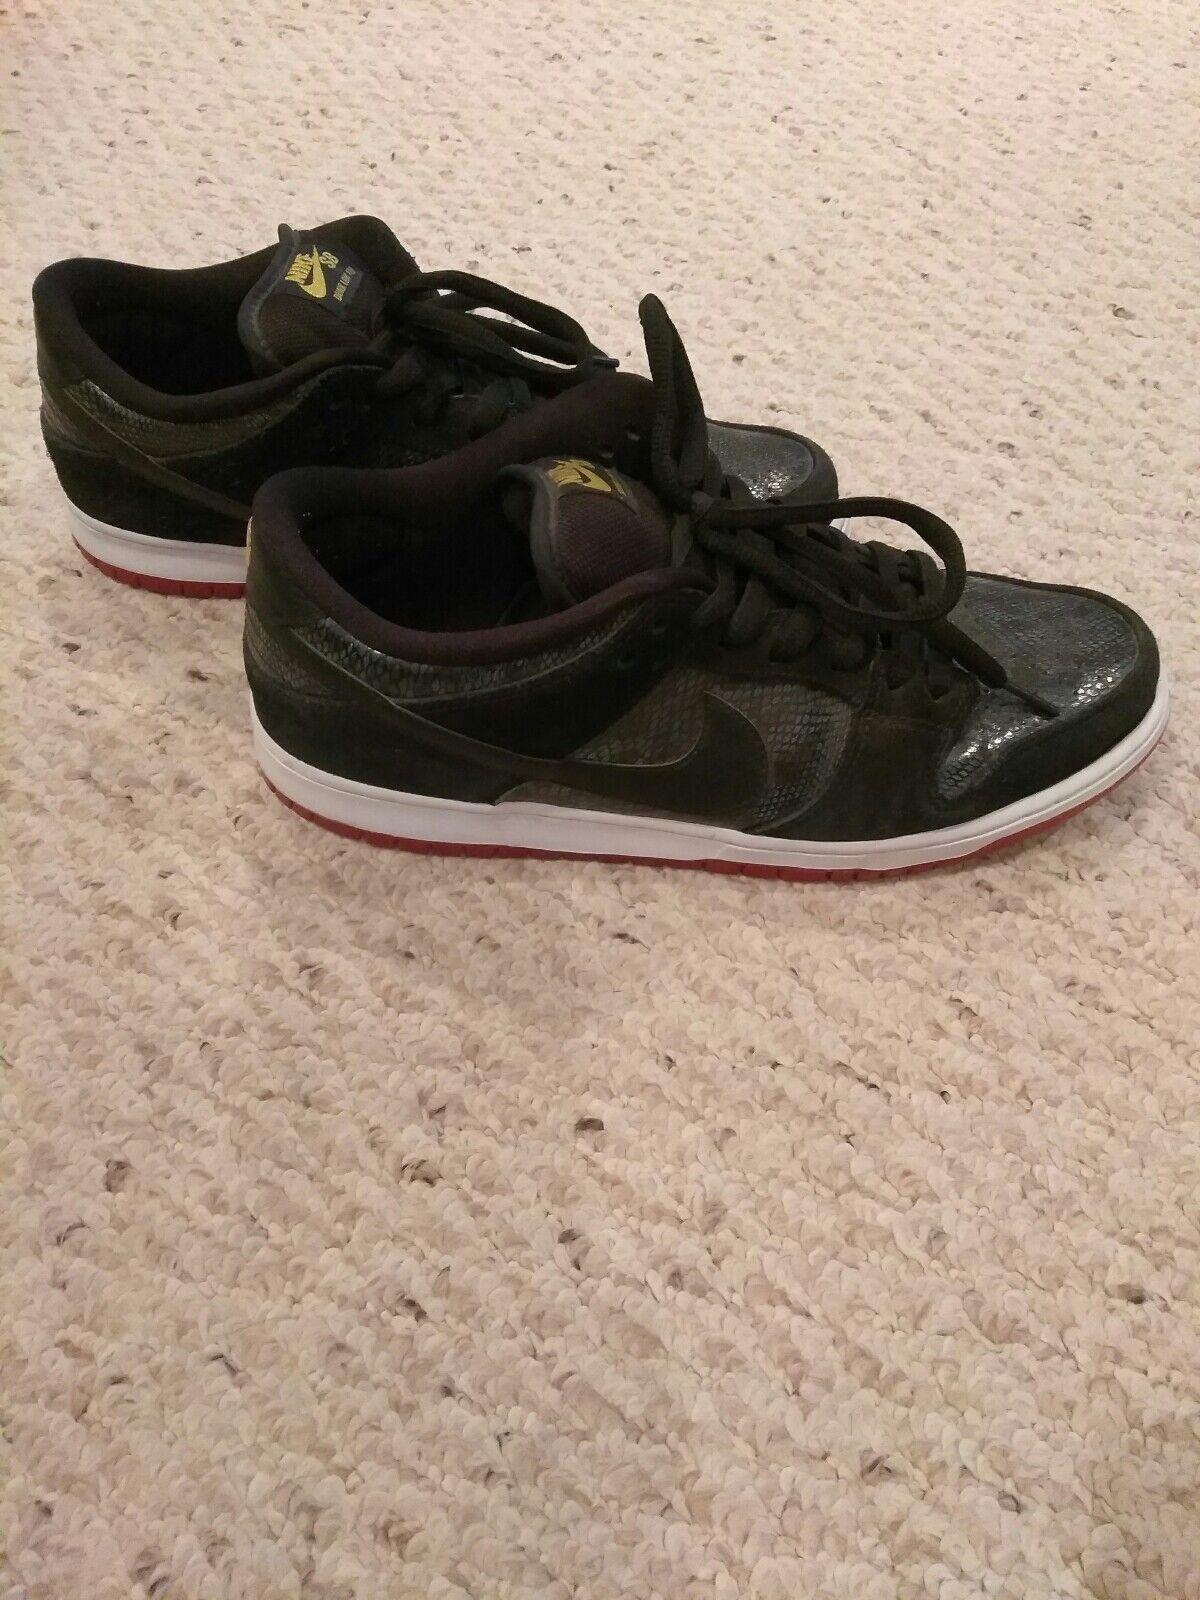 Nike Dunk Low Premium SB Snake Eyes 313170-017 Size 12 Men's